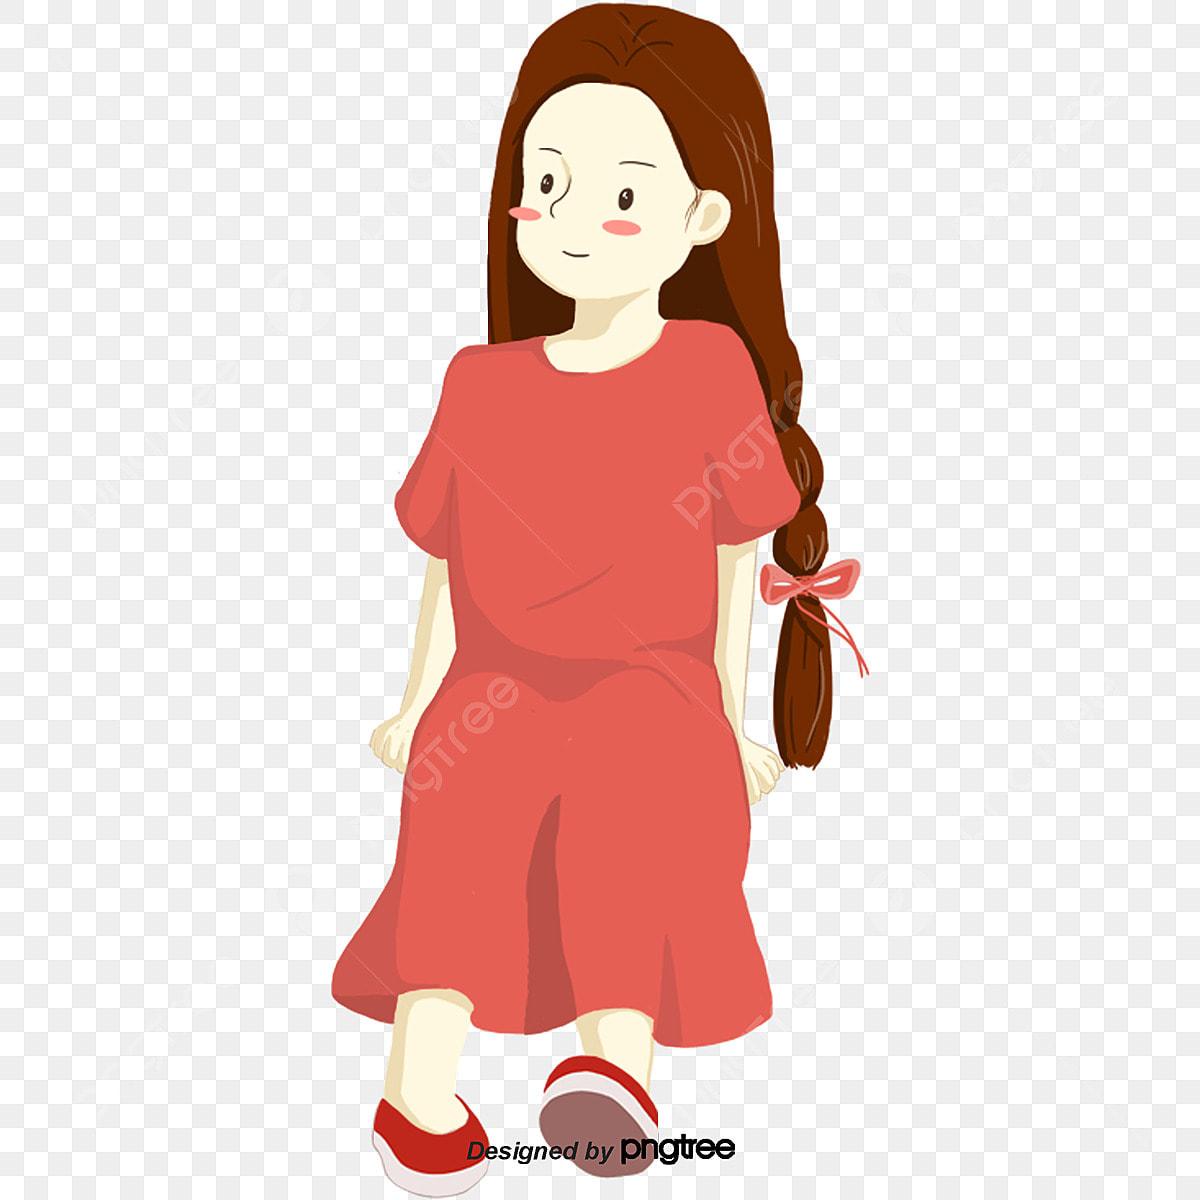 La Chica De Cabello Largo De Un Dibujo Animado Con Vestido